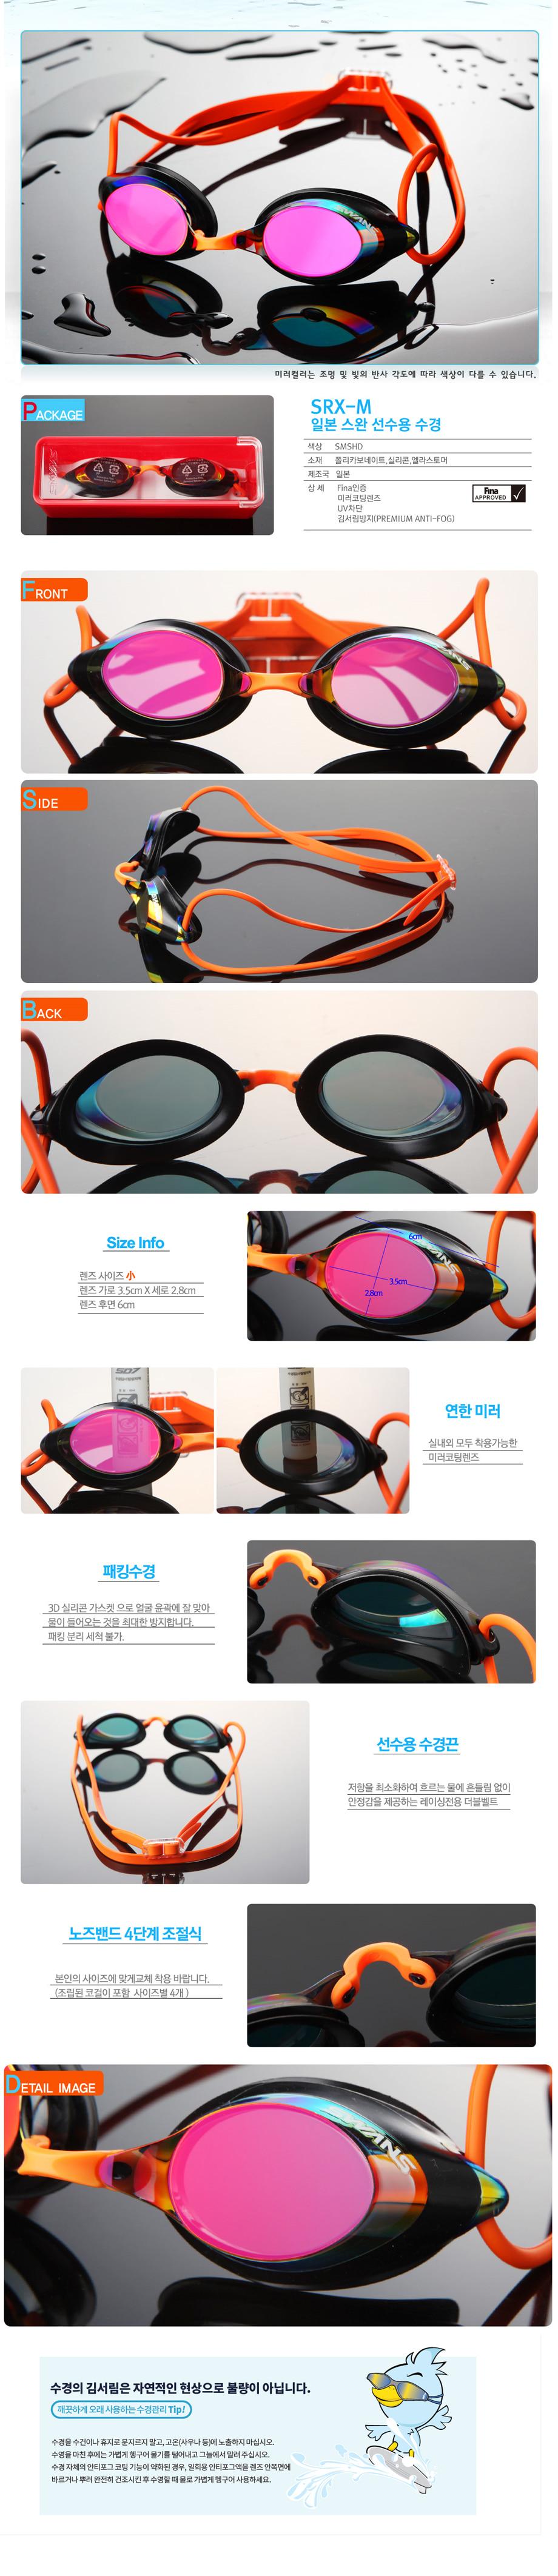 3b08780e32b 스완스 선수용 수경 (미러+패킹) / SRX-M (색상 SMSHD) - 제이스윔